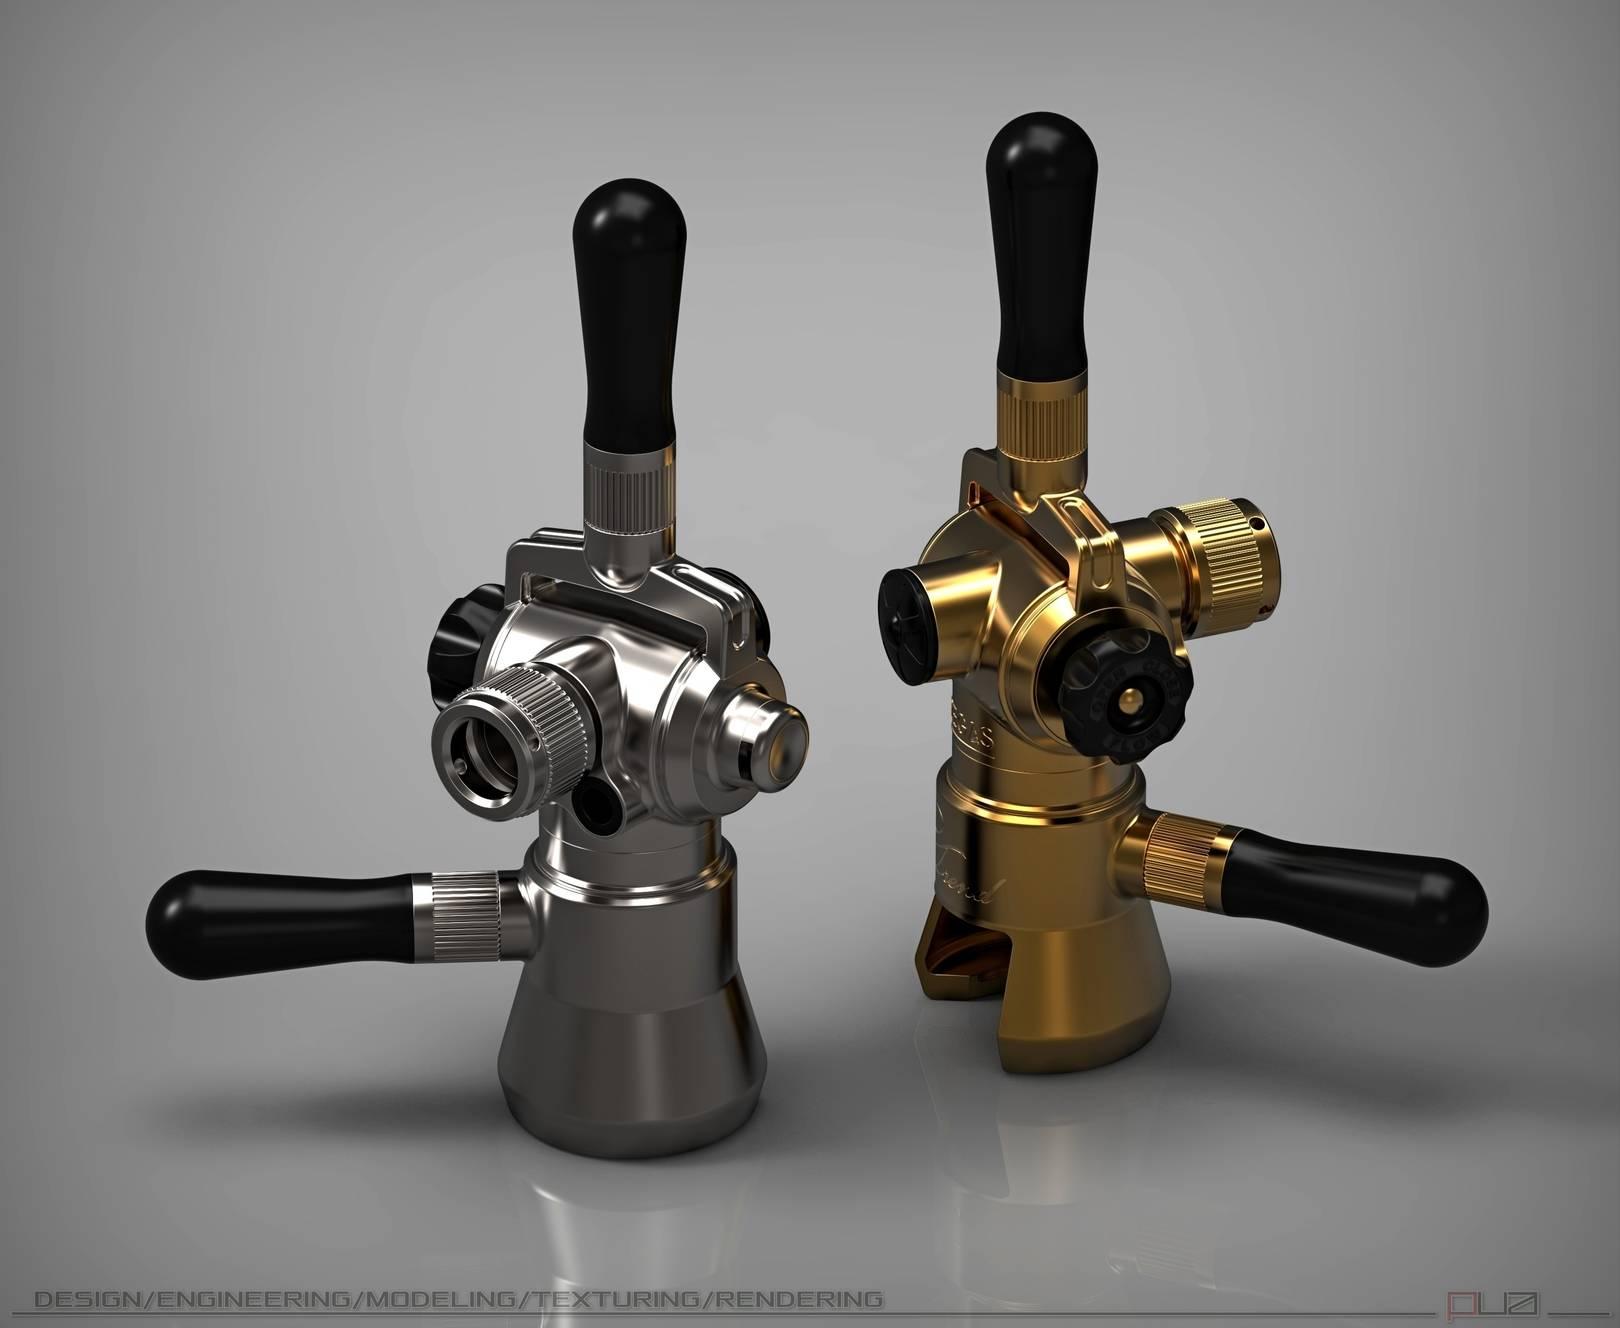 Устройство (Pegas), для беспенного розлива пива.  Промышленный дизайн, моделирование, визуализация.